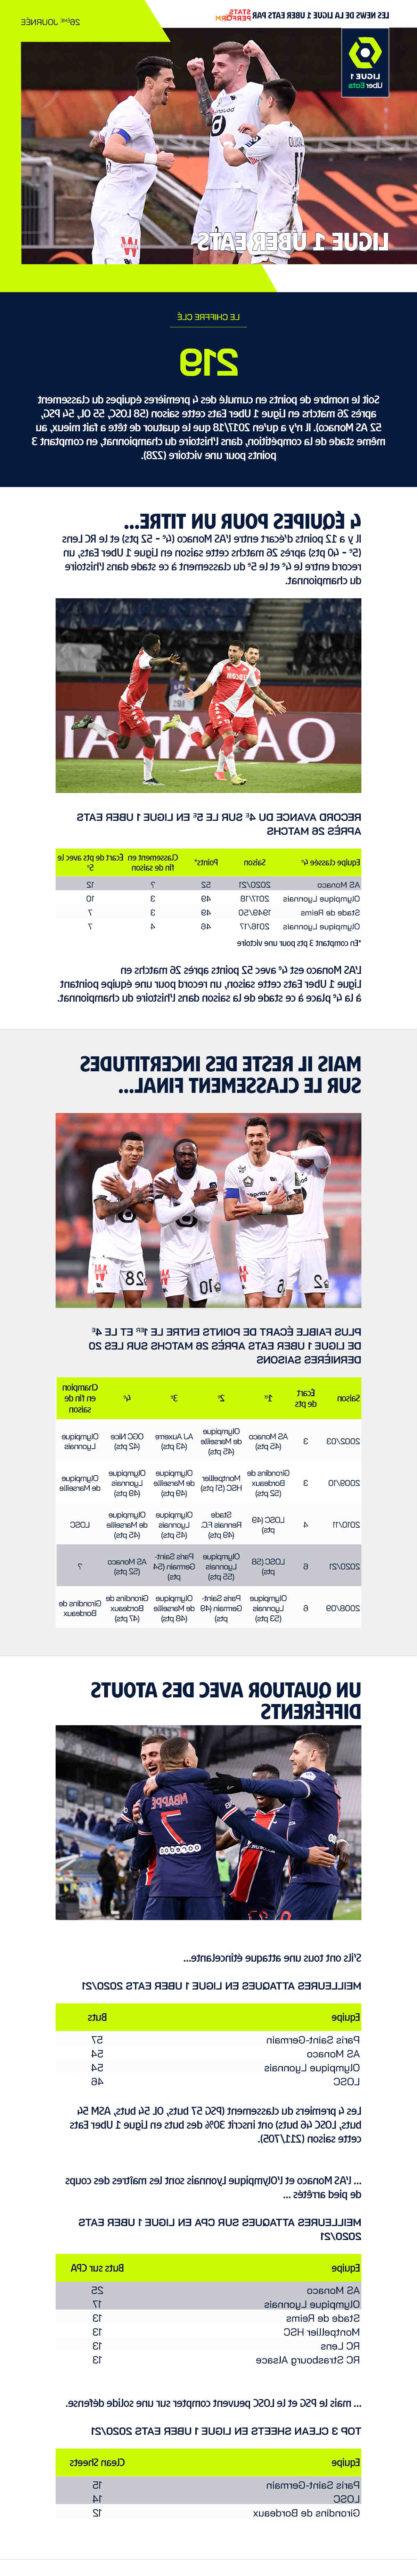 Ligue 1 : quatre équipes pour un titre